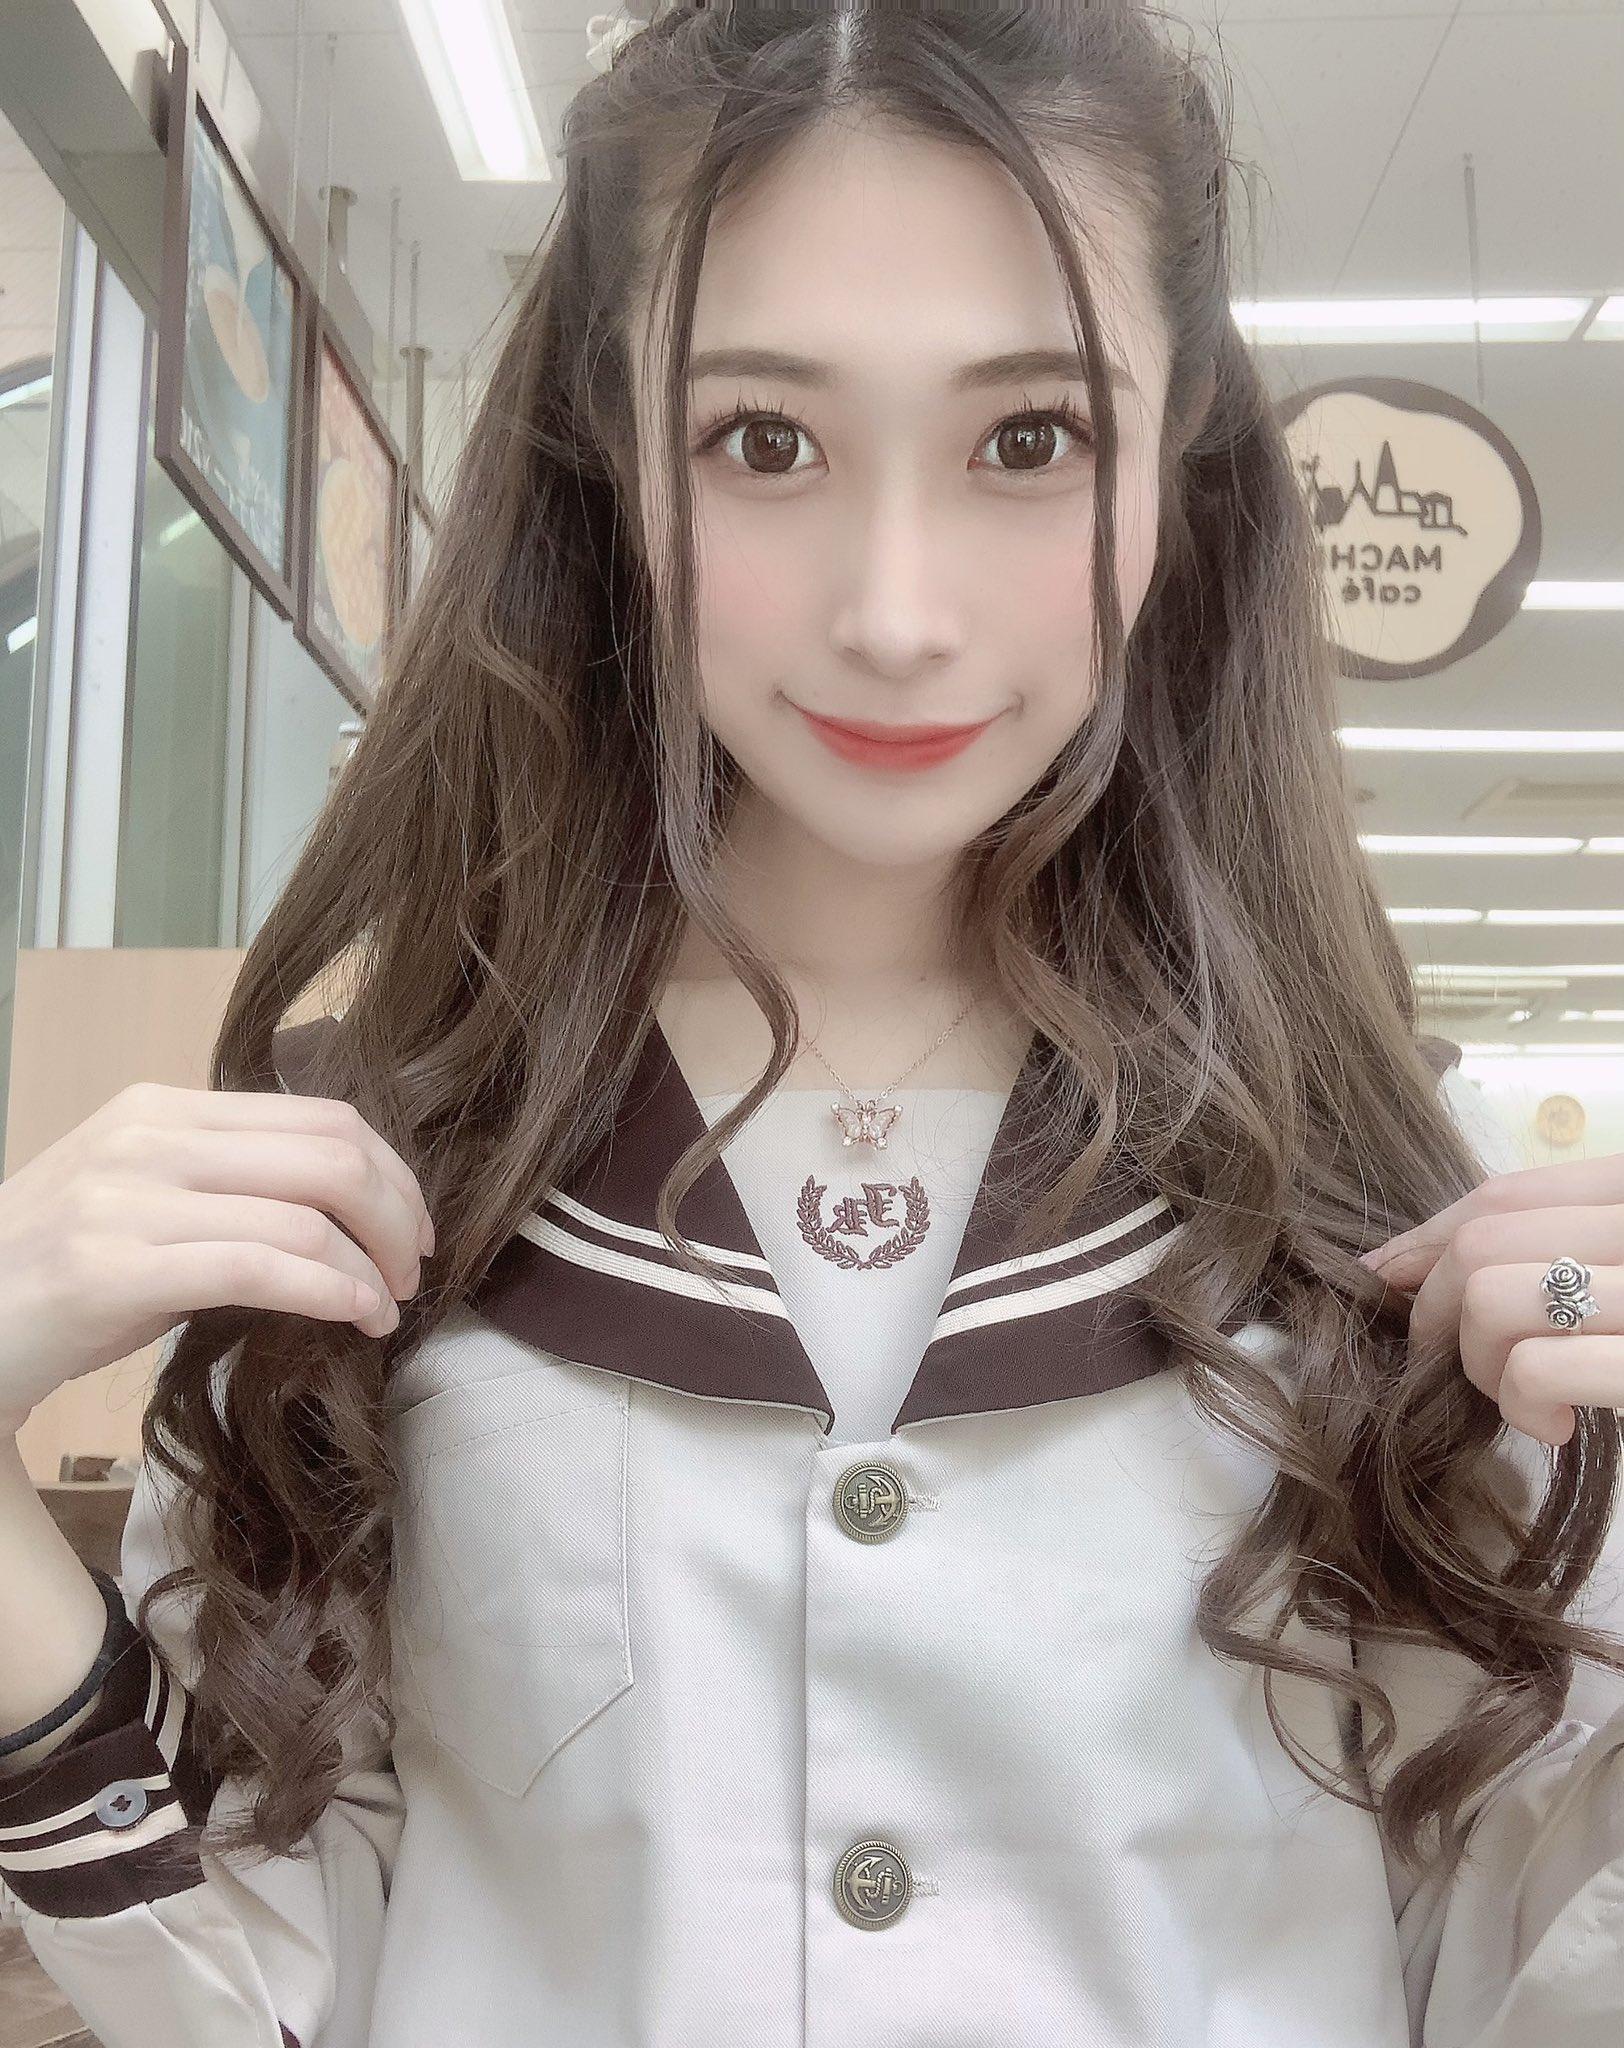 【中条鈴華エロ画像】マゾレベルがかなり高めな現役音大生・中条鈴華!